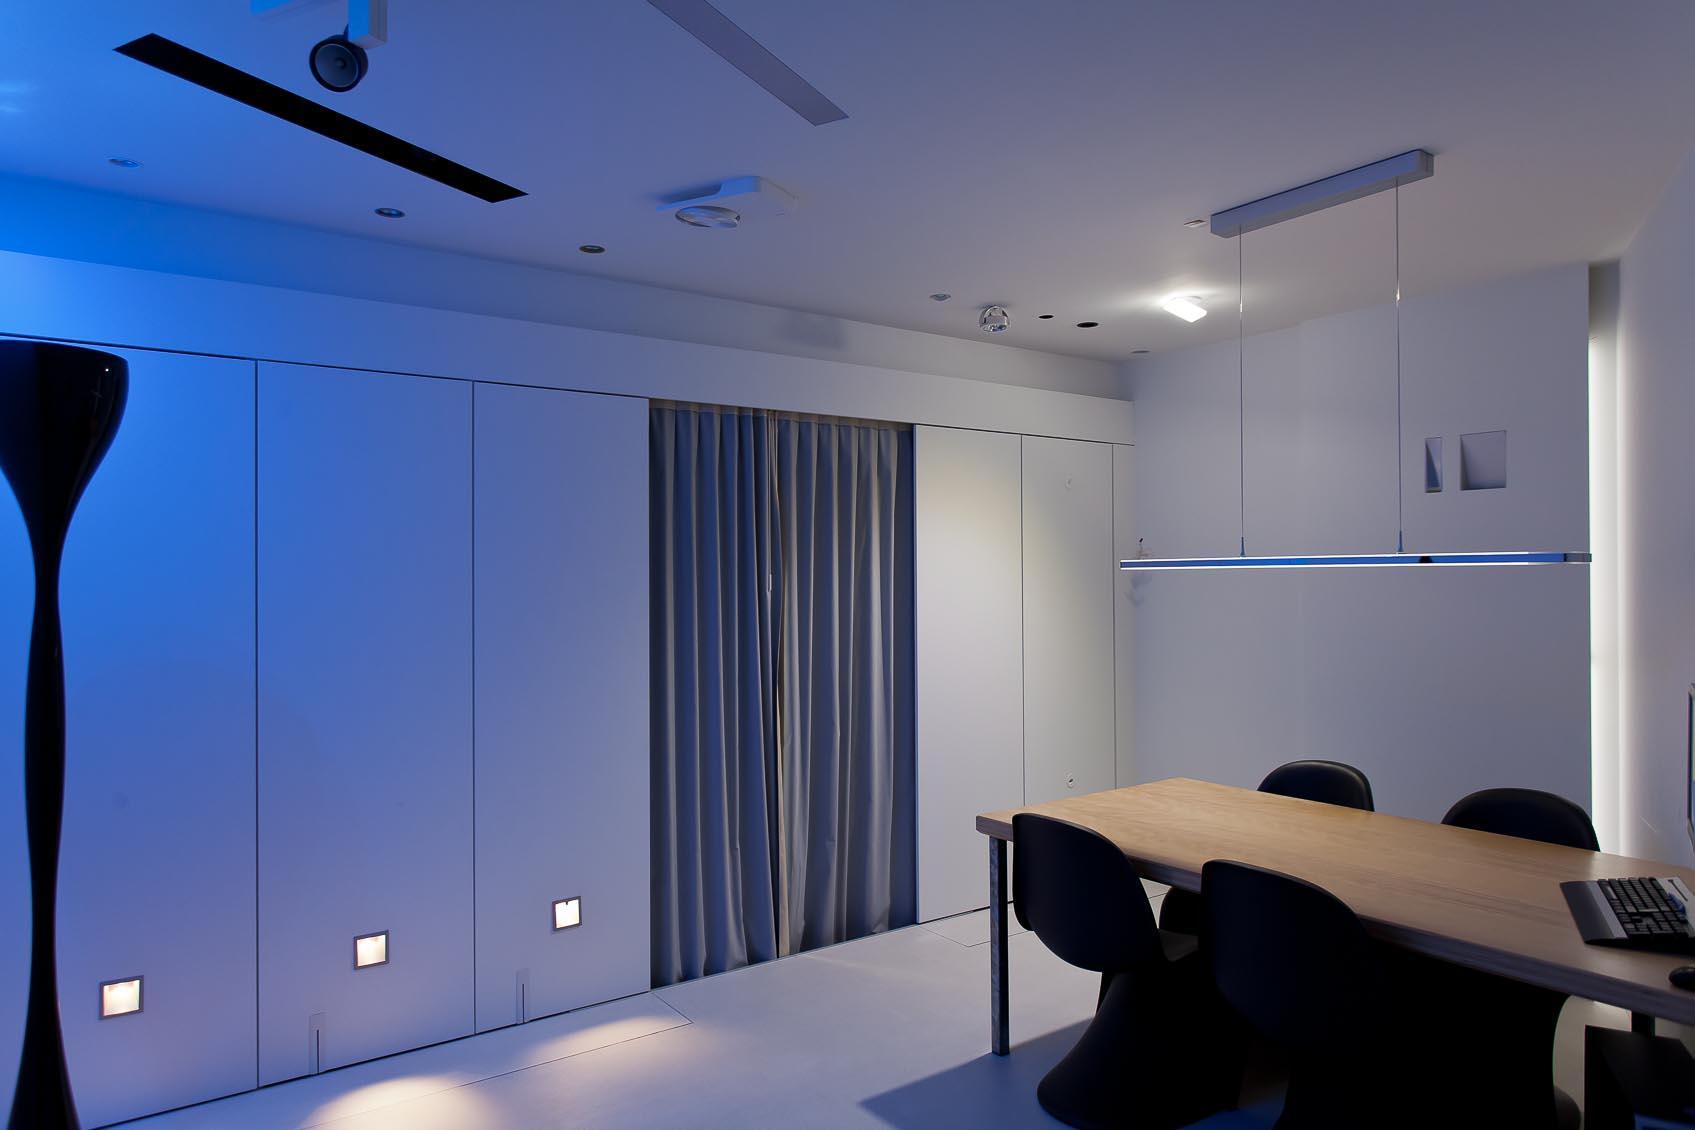 Beleef interieurverlichting in onze design lichtstudio1